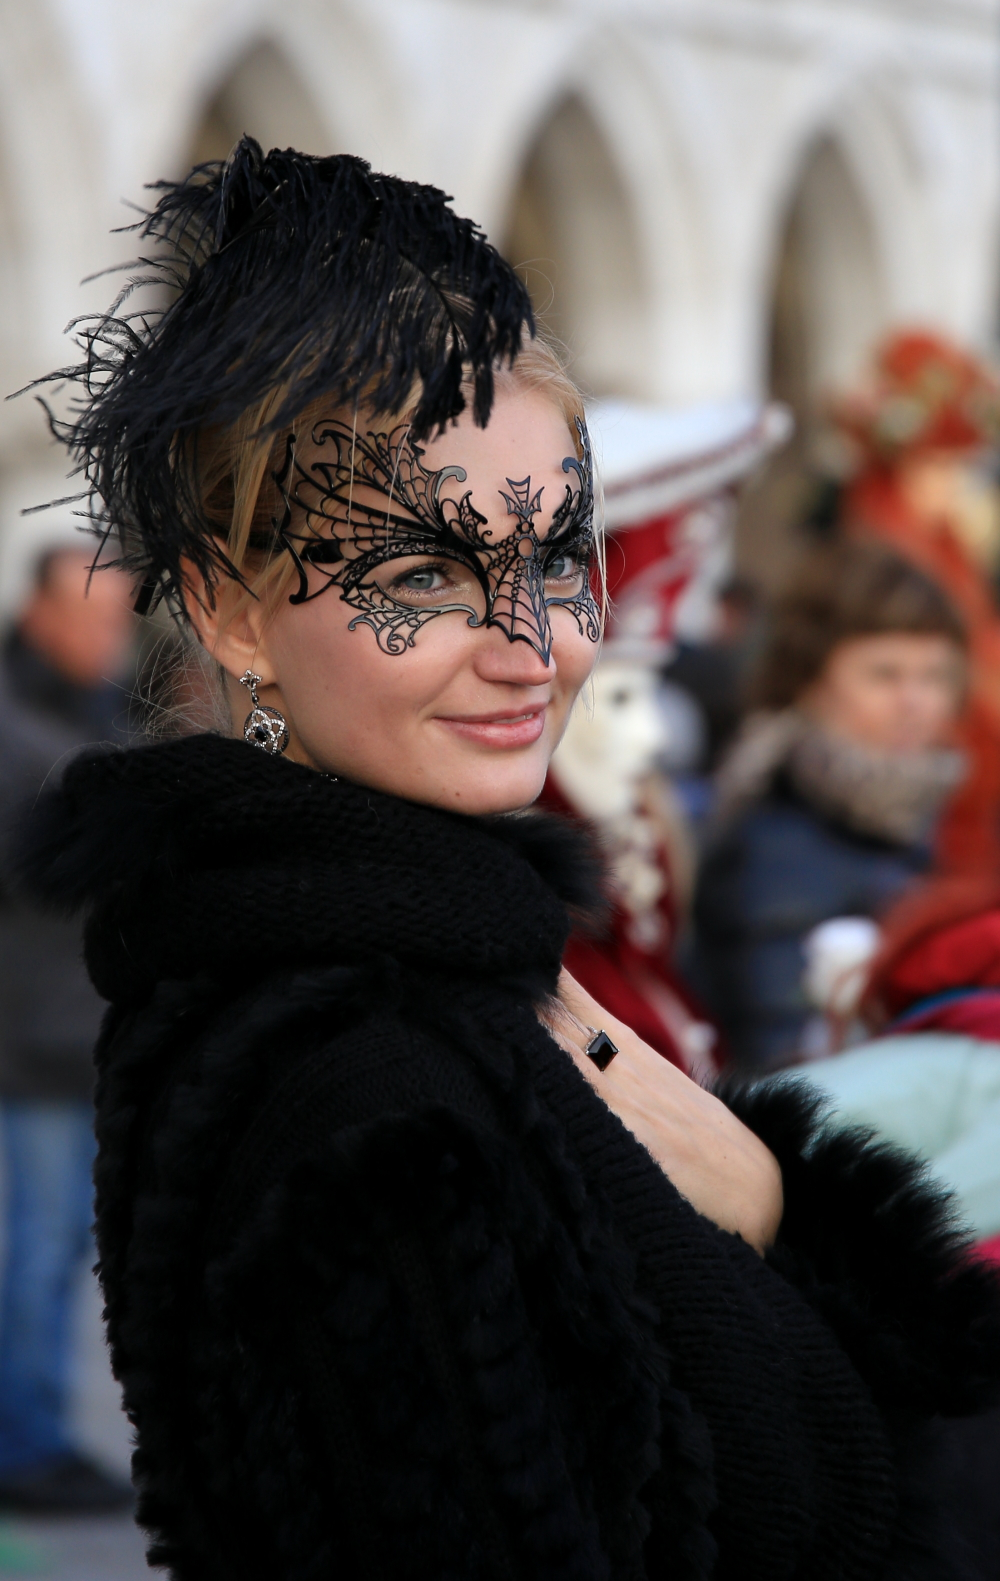 Venezia carnevale 2014...